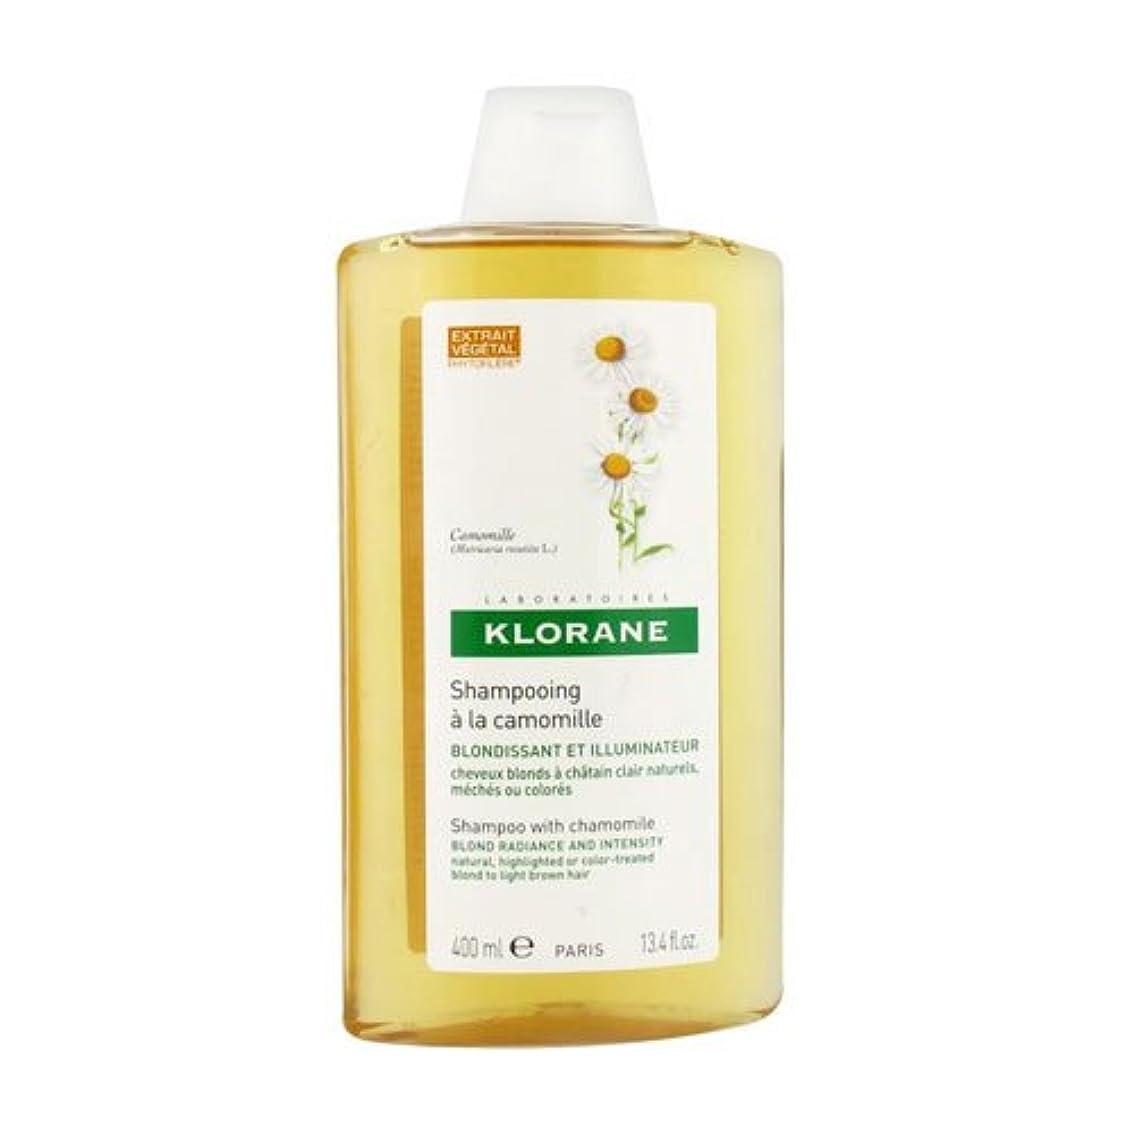 備品振り返る見せますKlorane Shampoo With Camomile 400ml [並行輸入品]